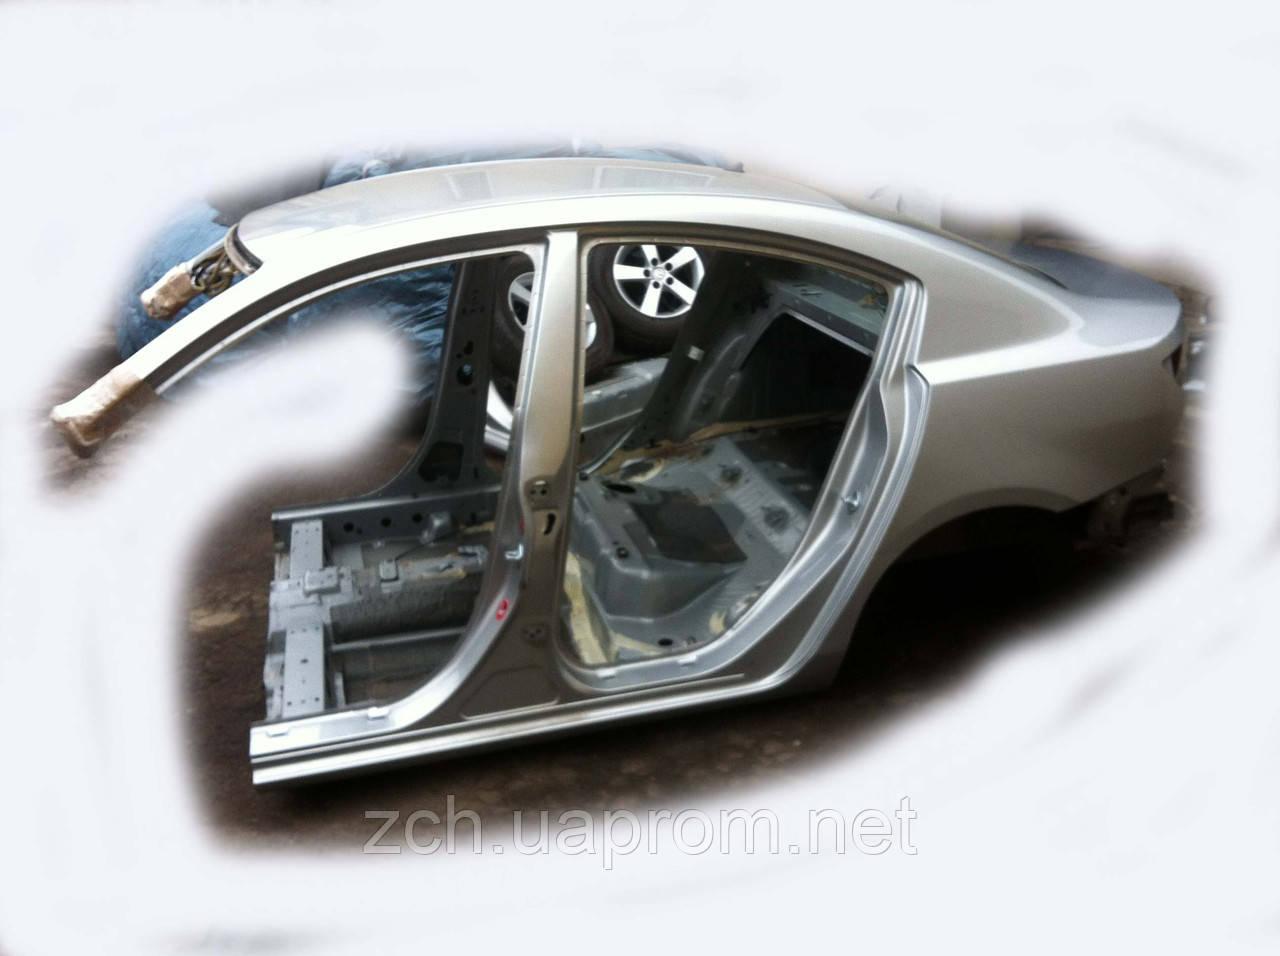 Крыло заднее, четверть задняя Mazda 3 sedan